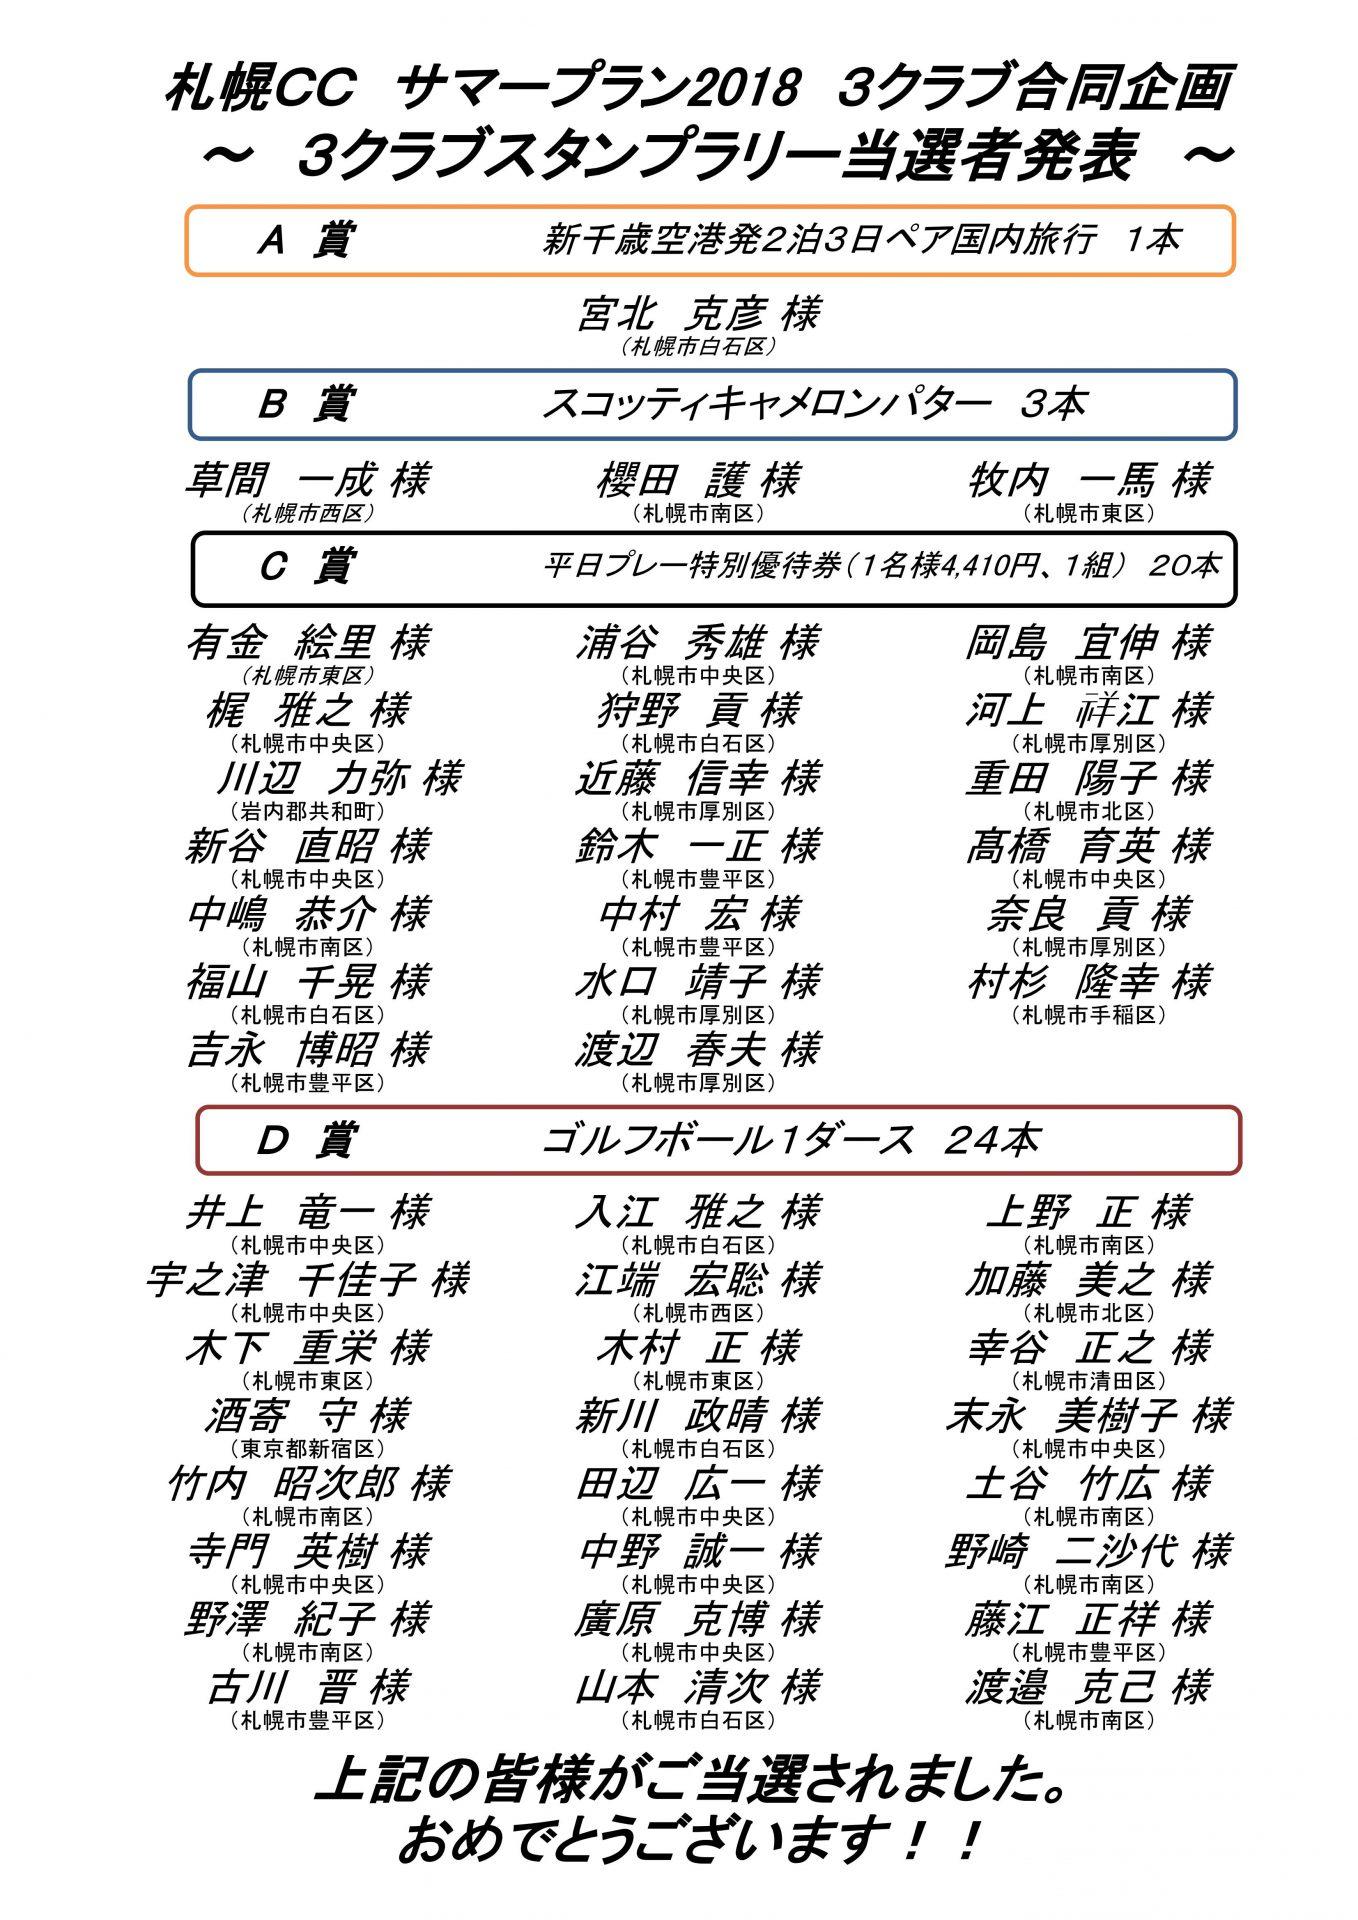 ■11/20UP サマープラン2018 3クラブスタンプラリー当選者発表!